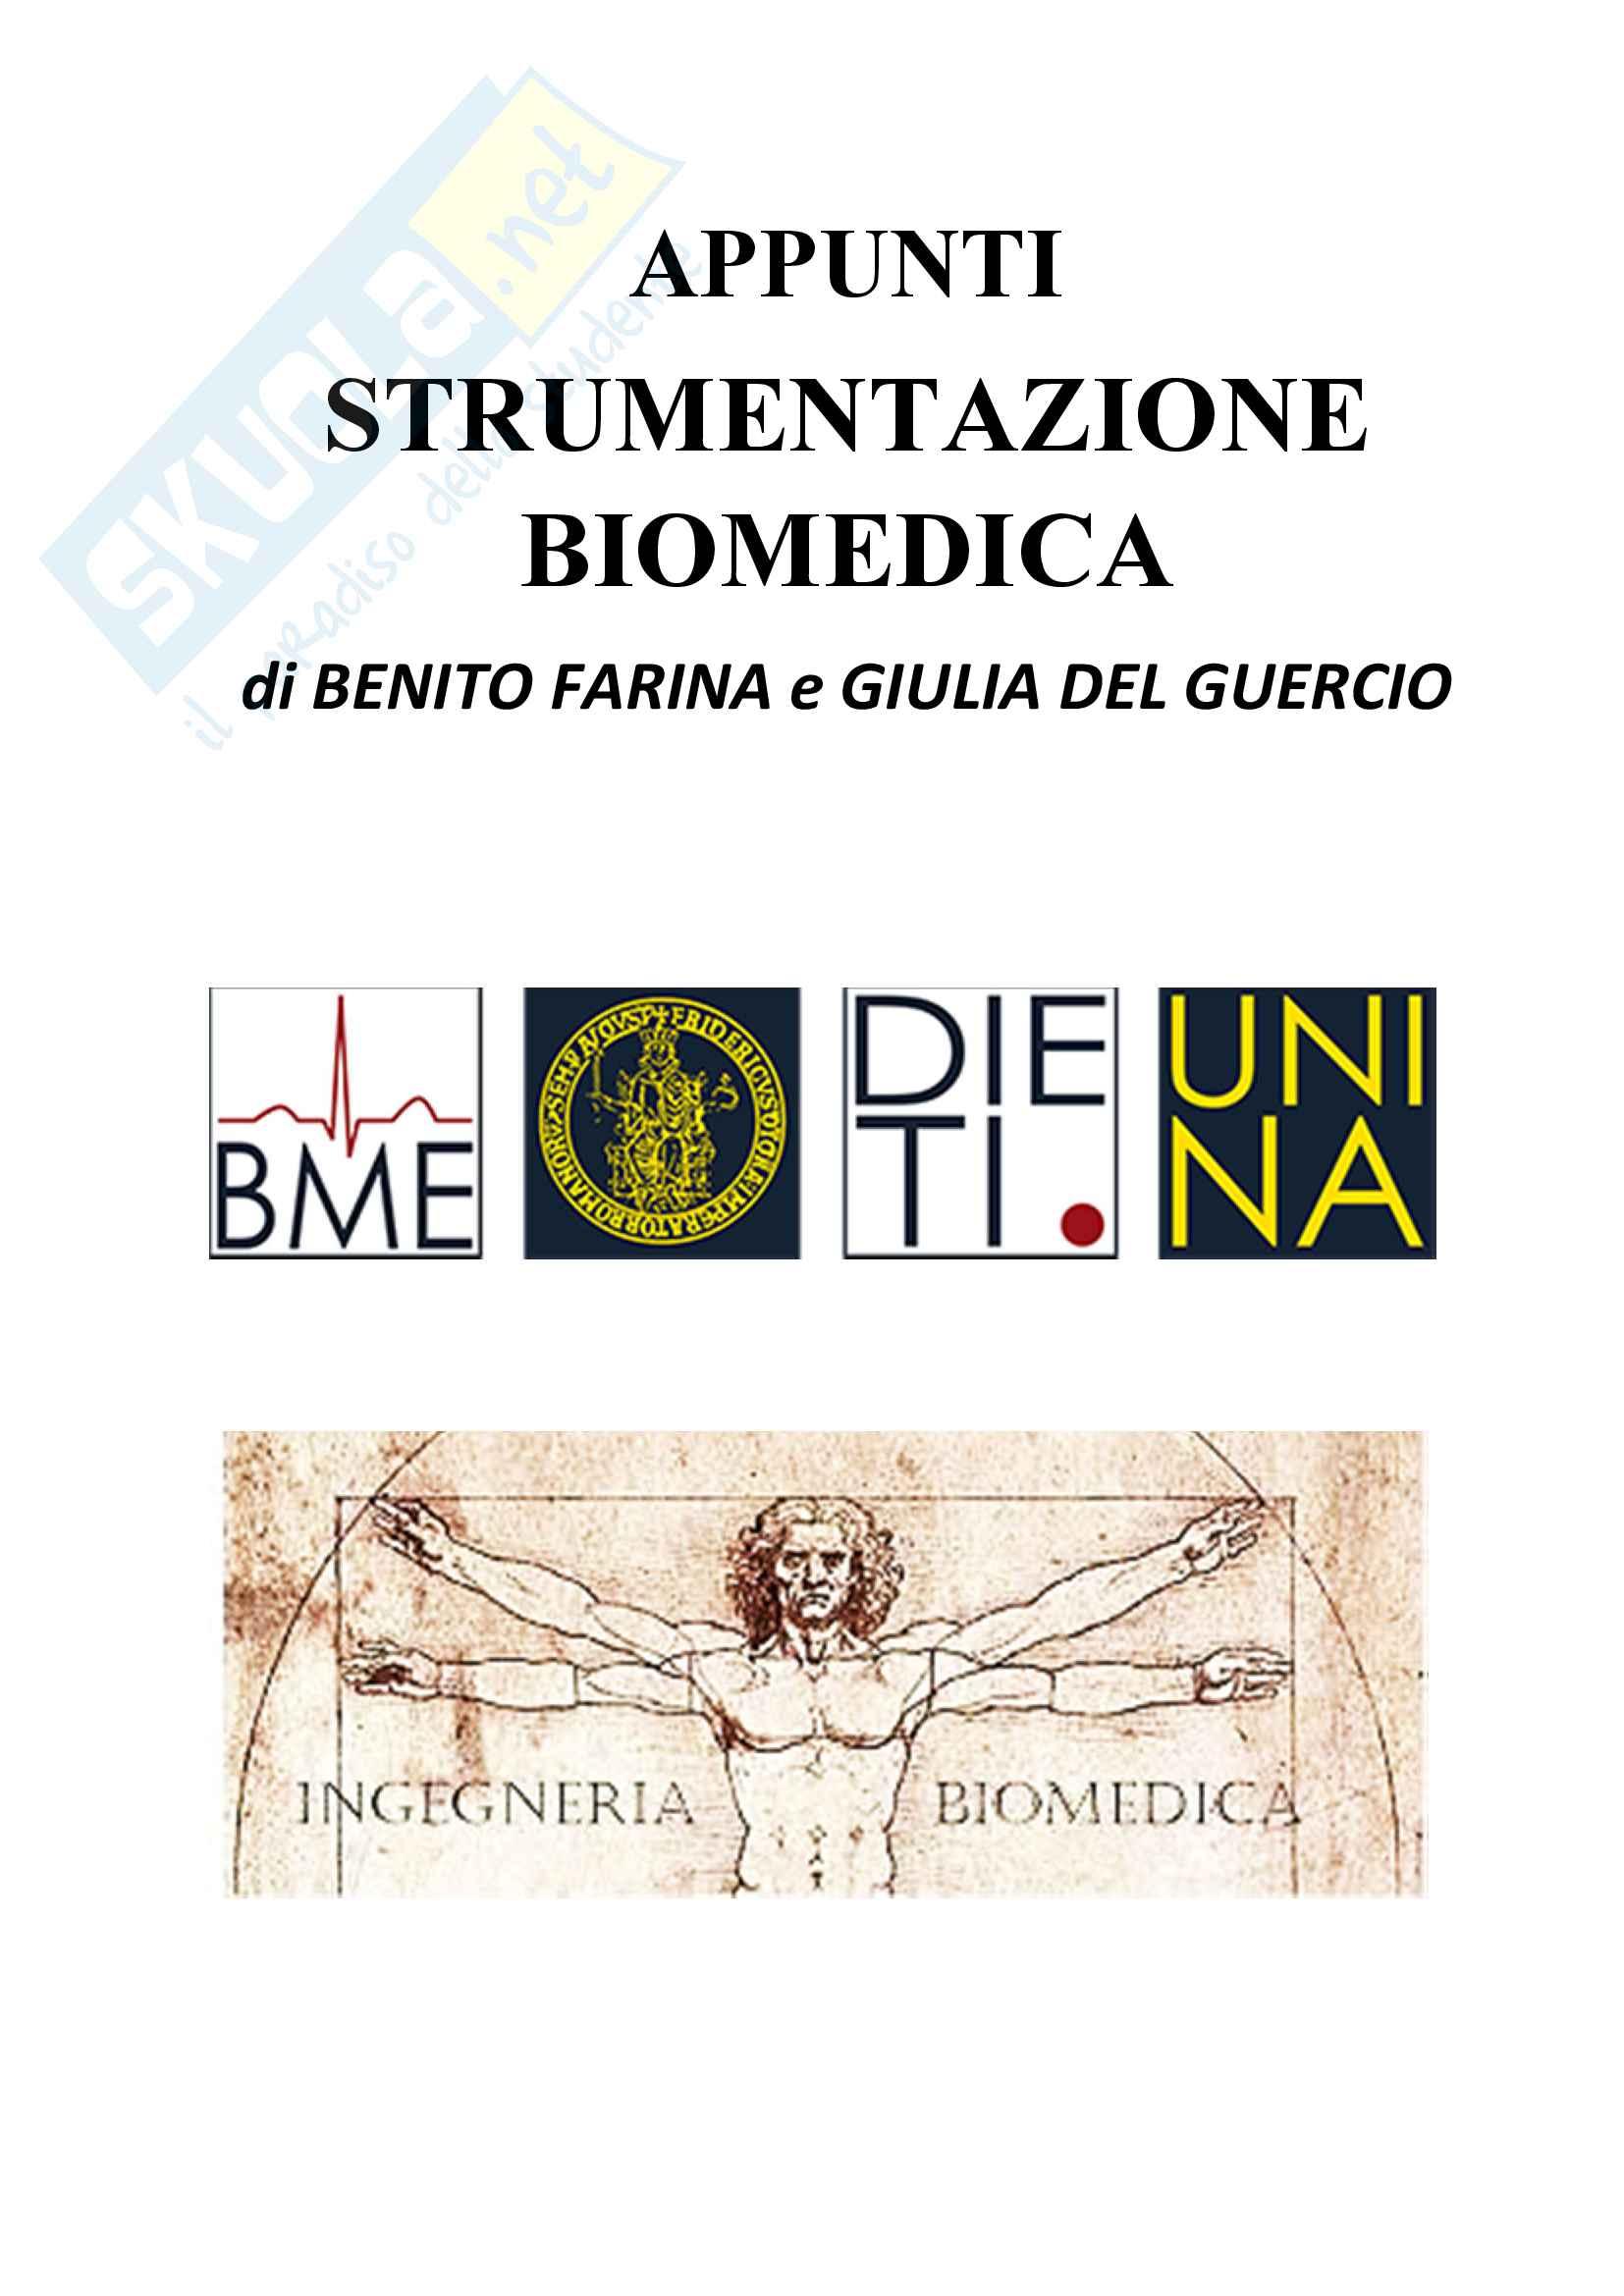 Appunti di Strumentazione biomedica